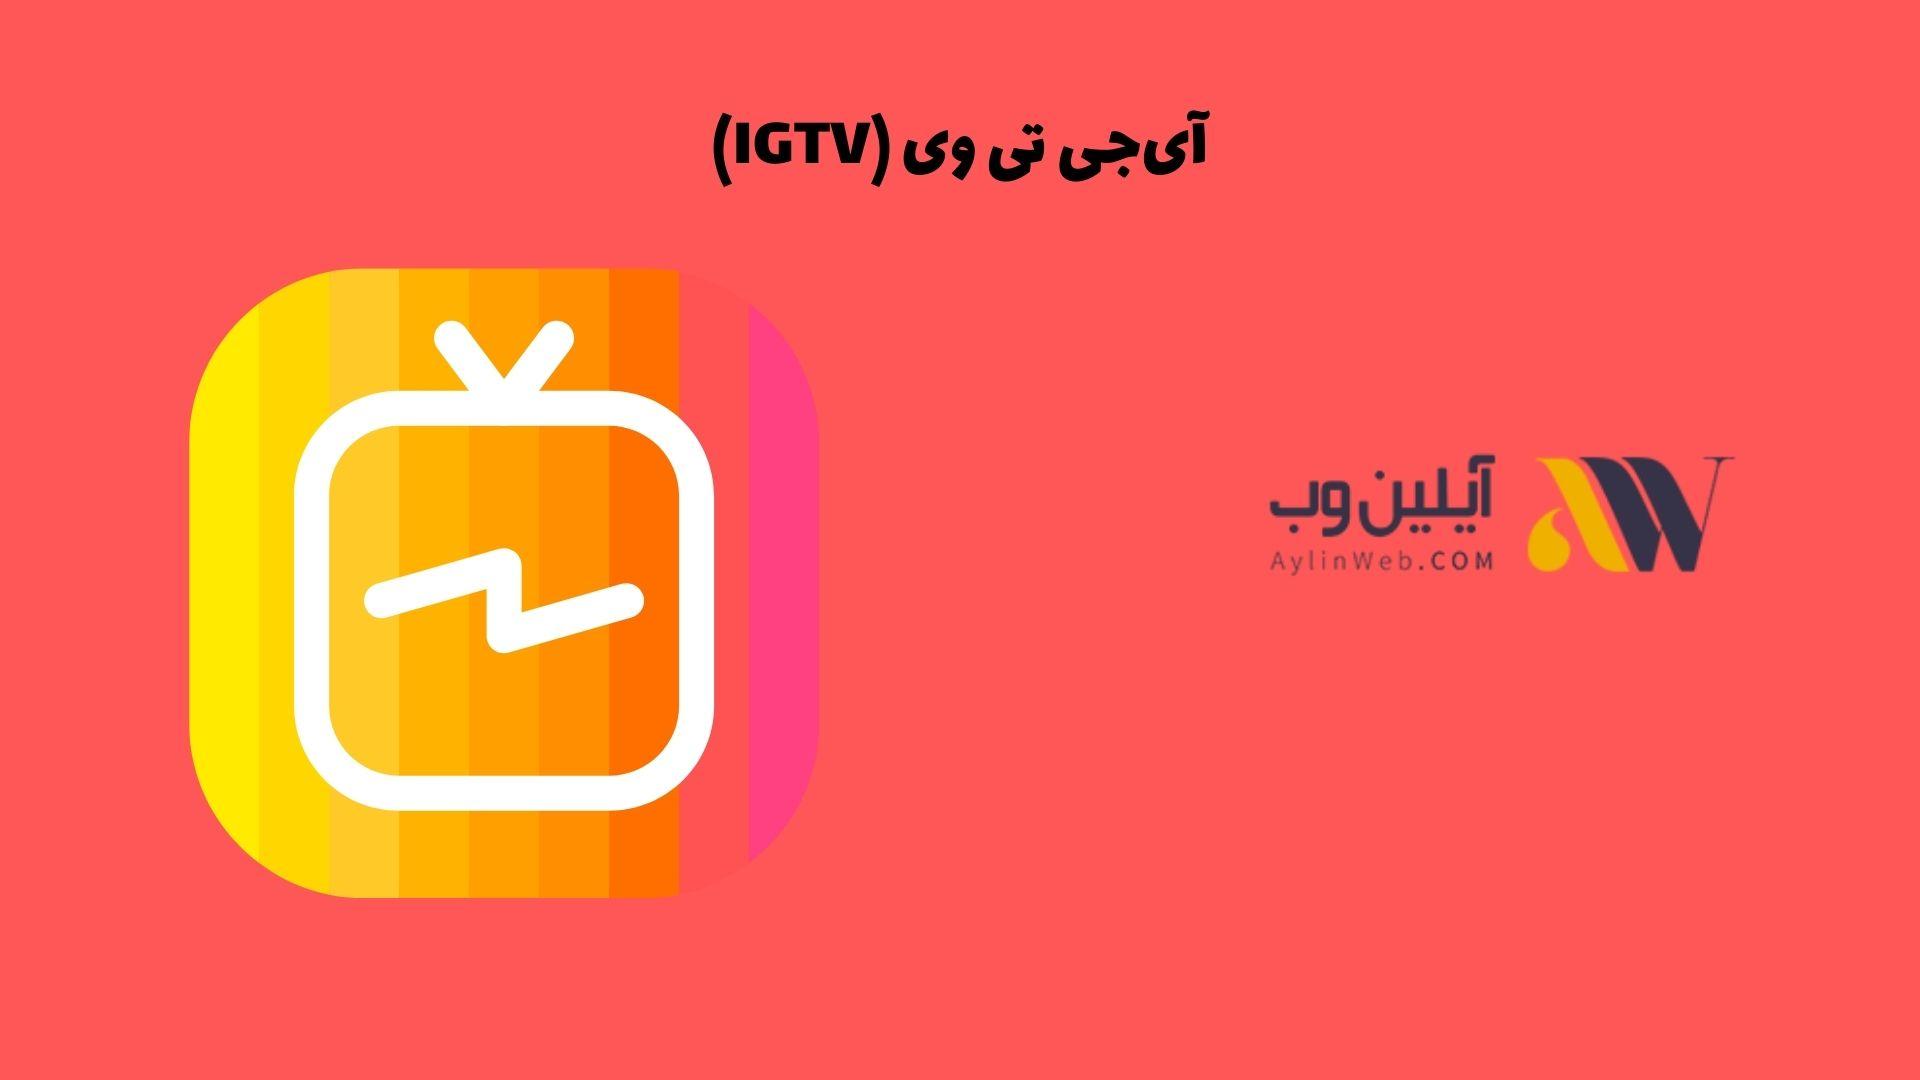 آیجی تی وی (IGTV)